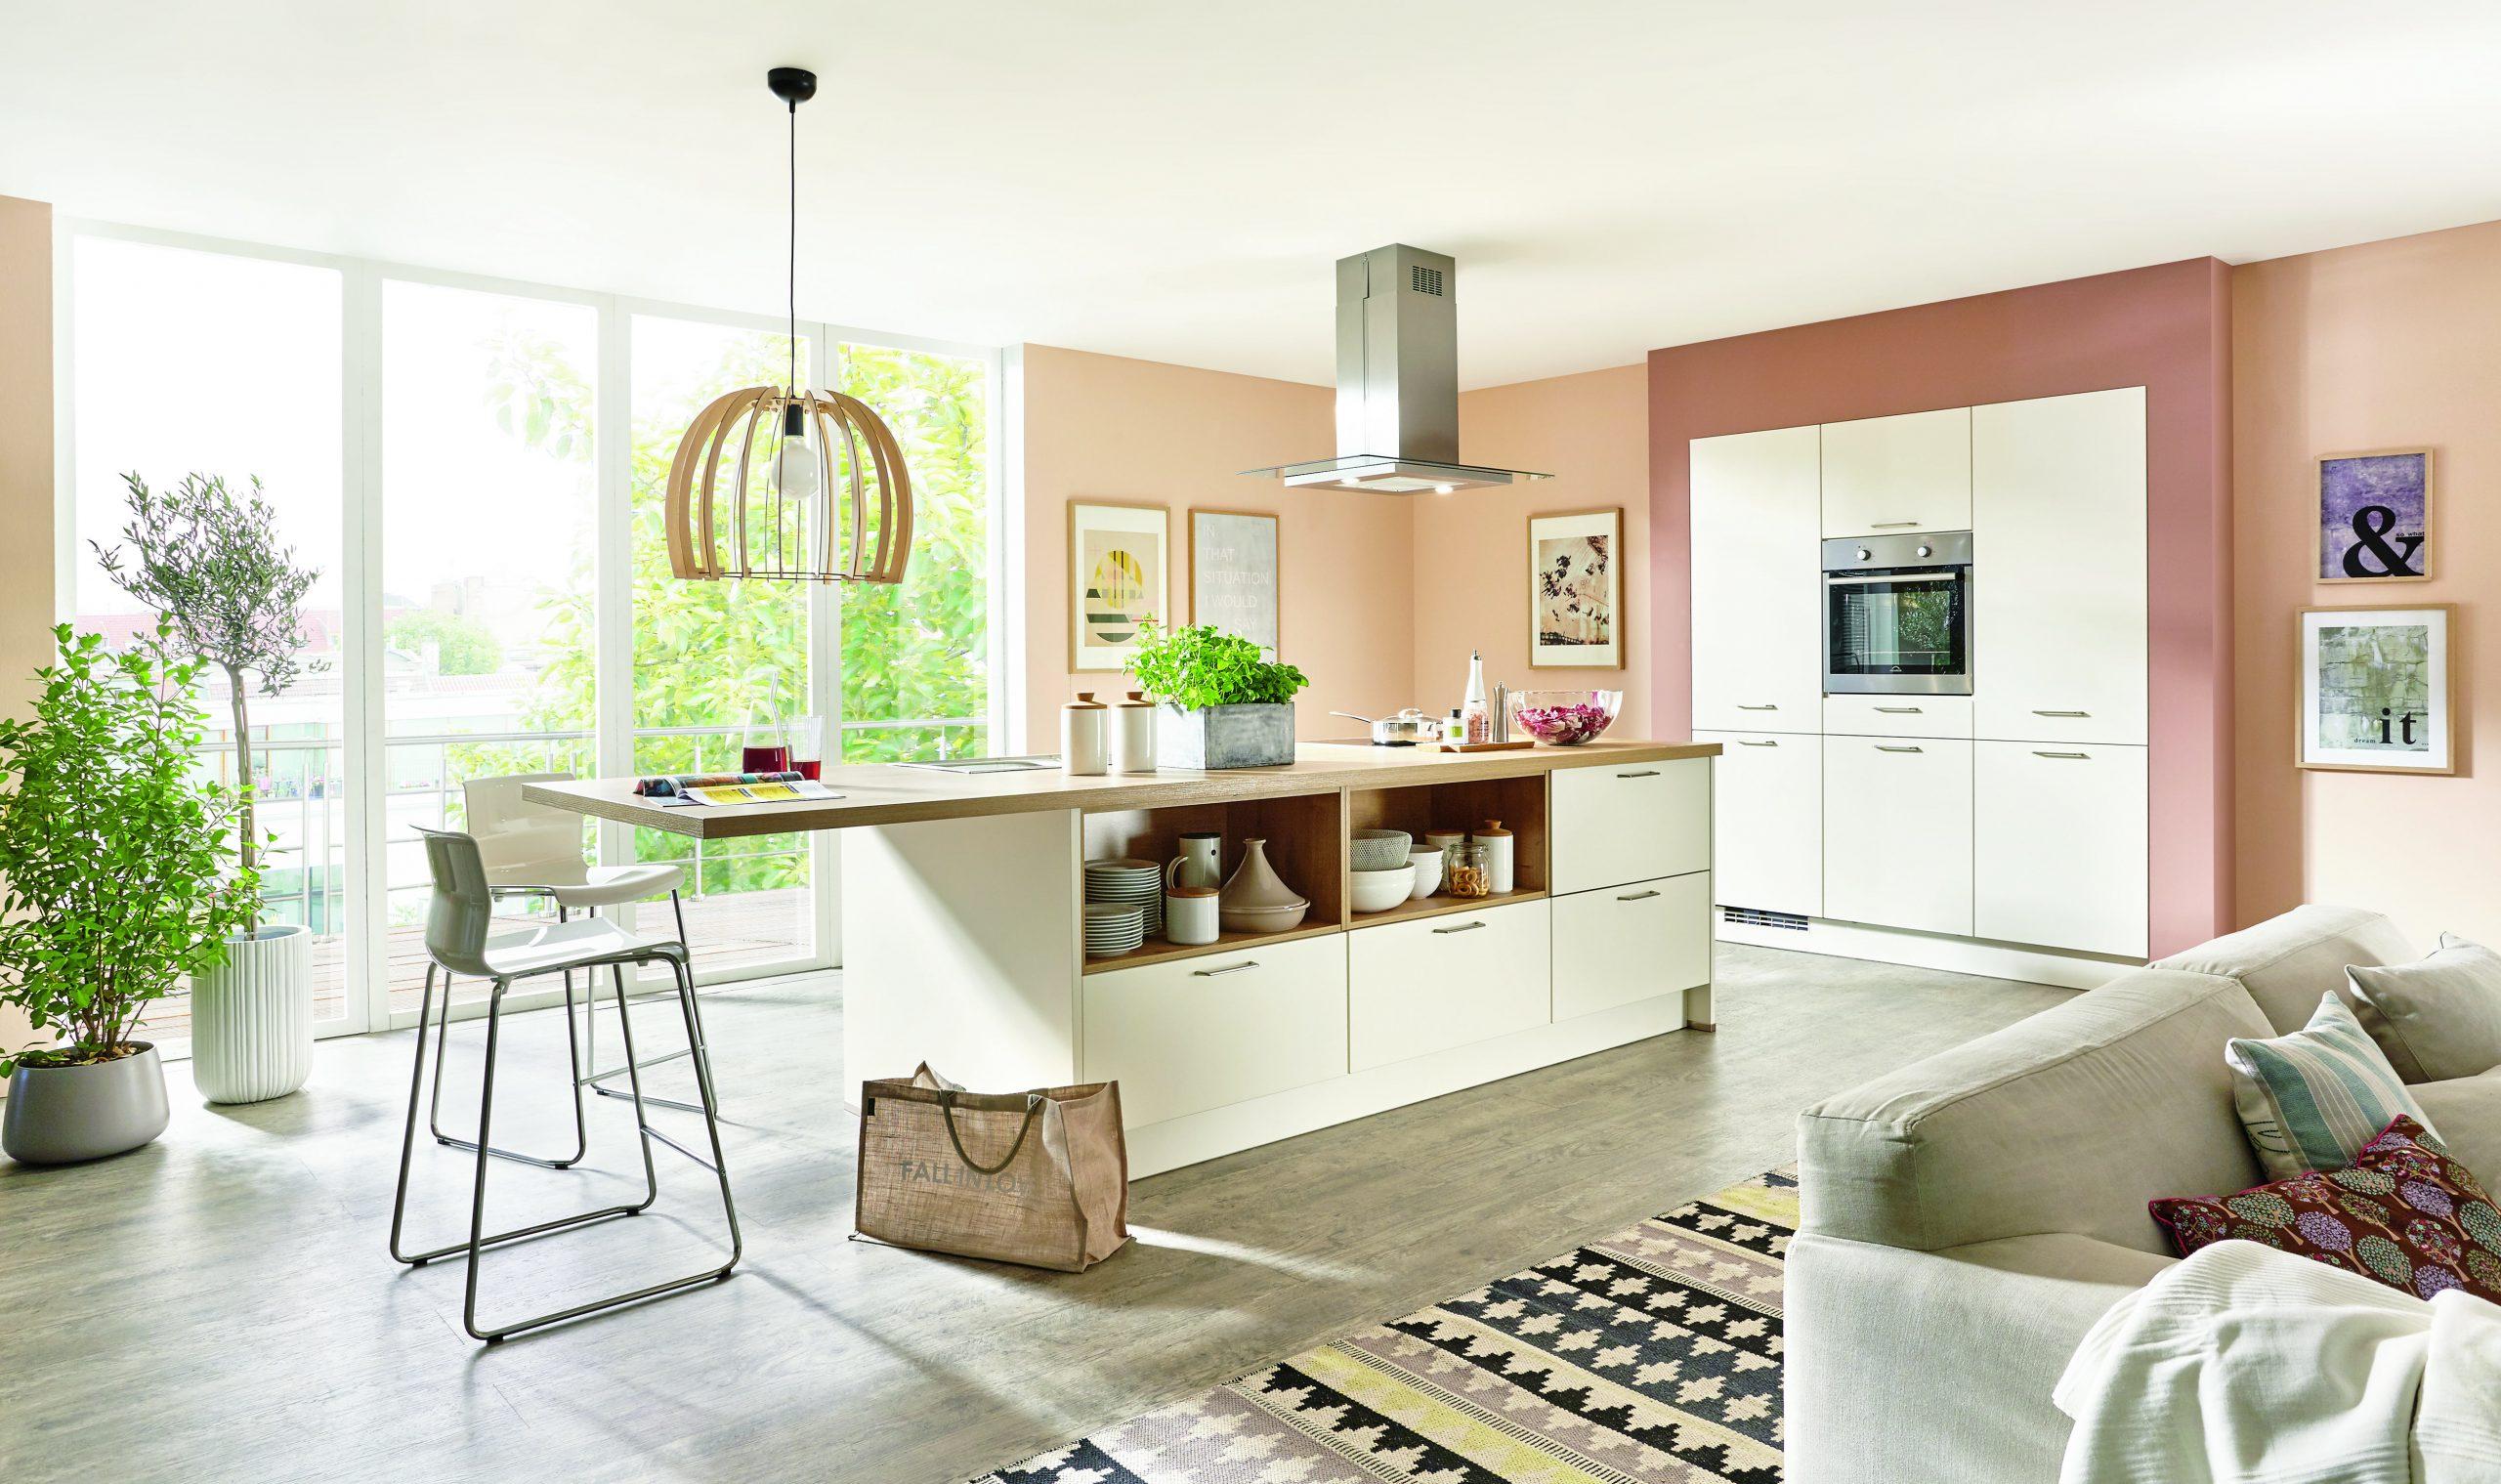 Full Size of Beigefarbene Kchen Kchentrends In Beige Kcheco Wohnzimmer Magnolia Farbe